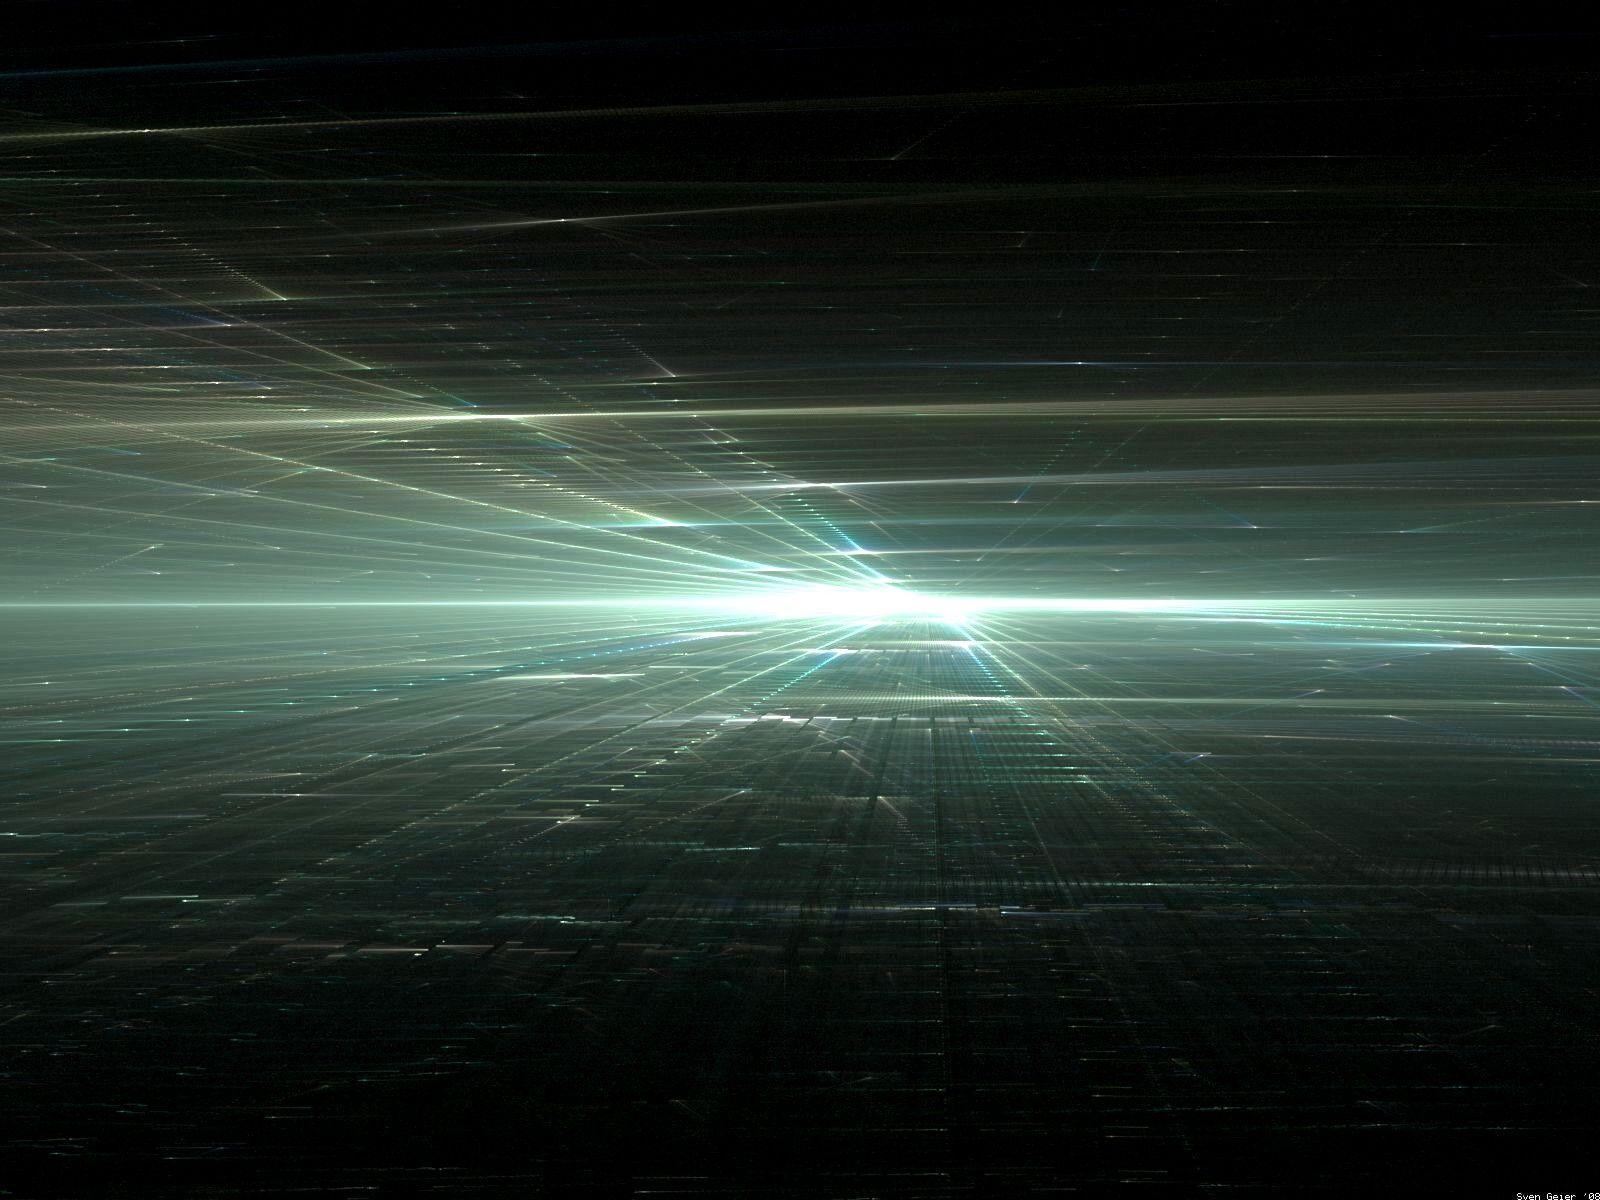 Space.jpg (1600×1200)